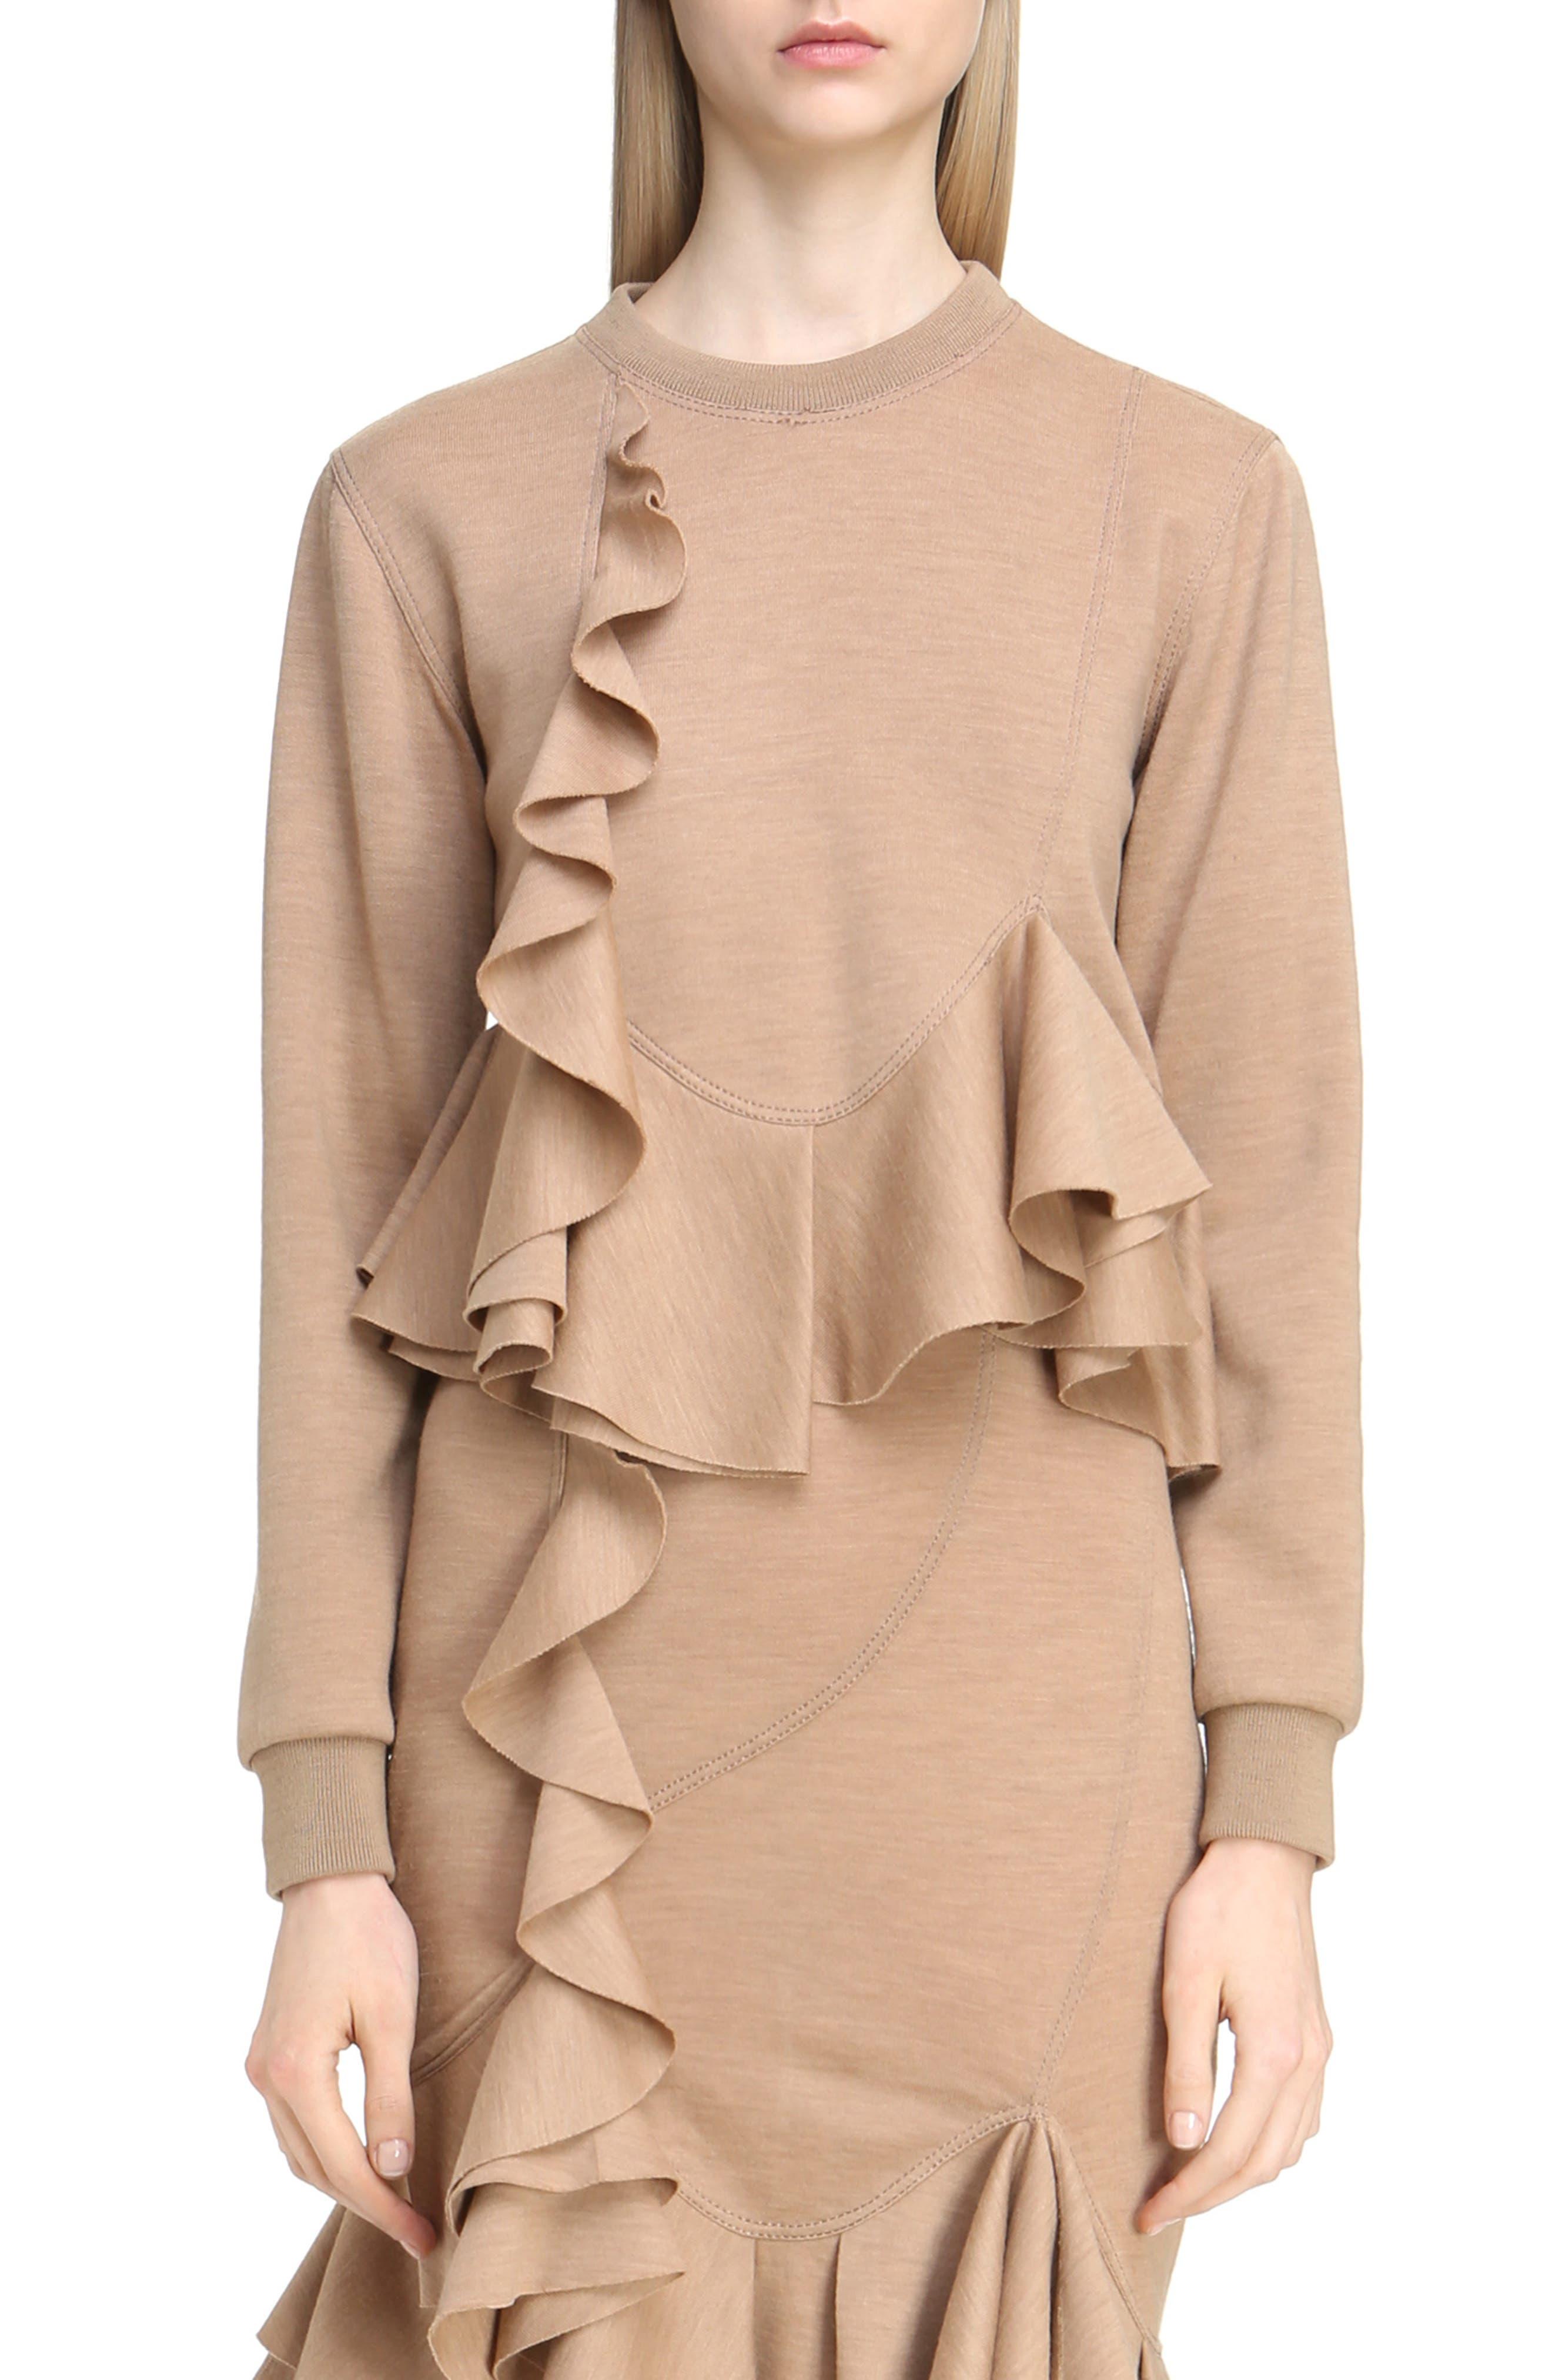 Givenchy Ruffled Wool Sweatshirt